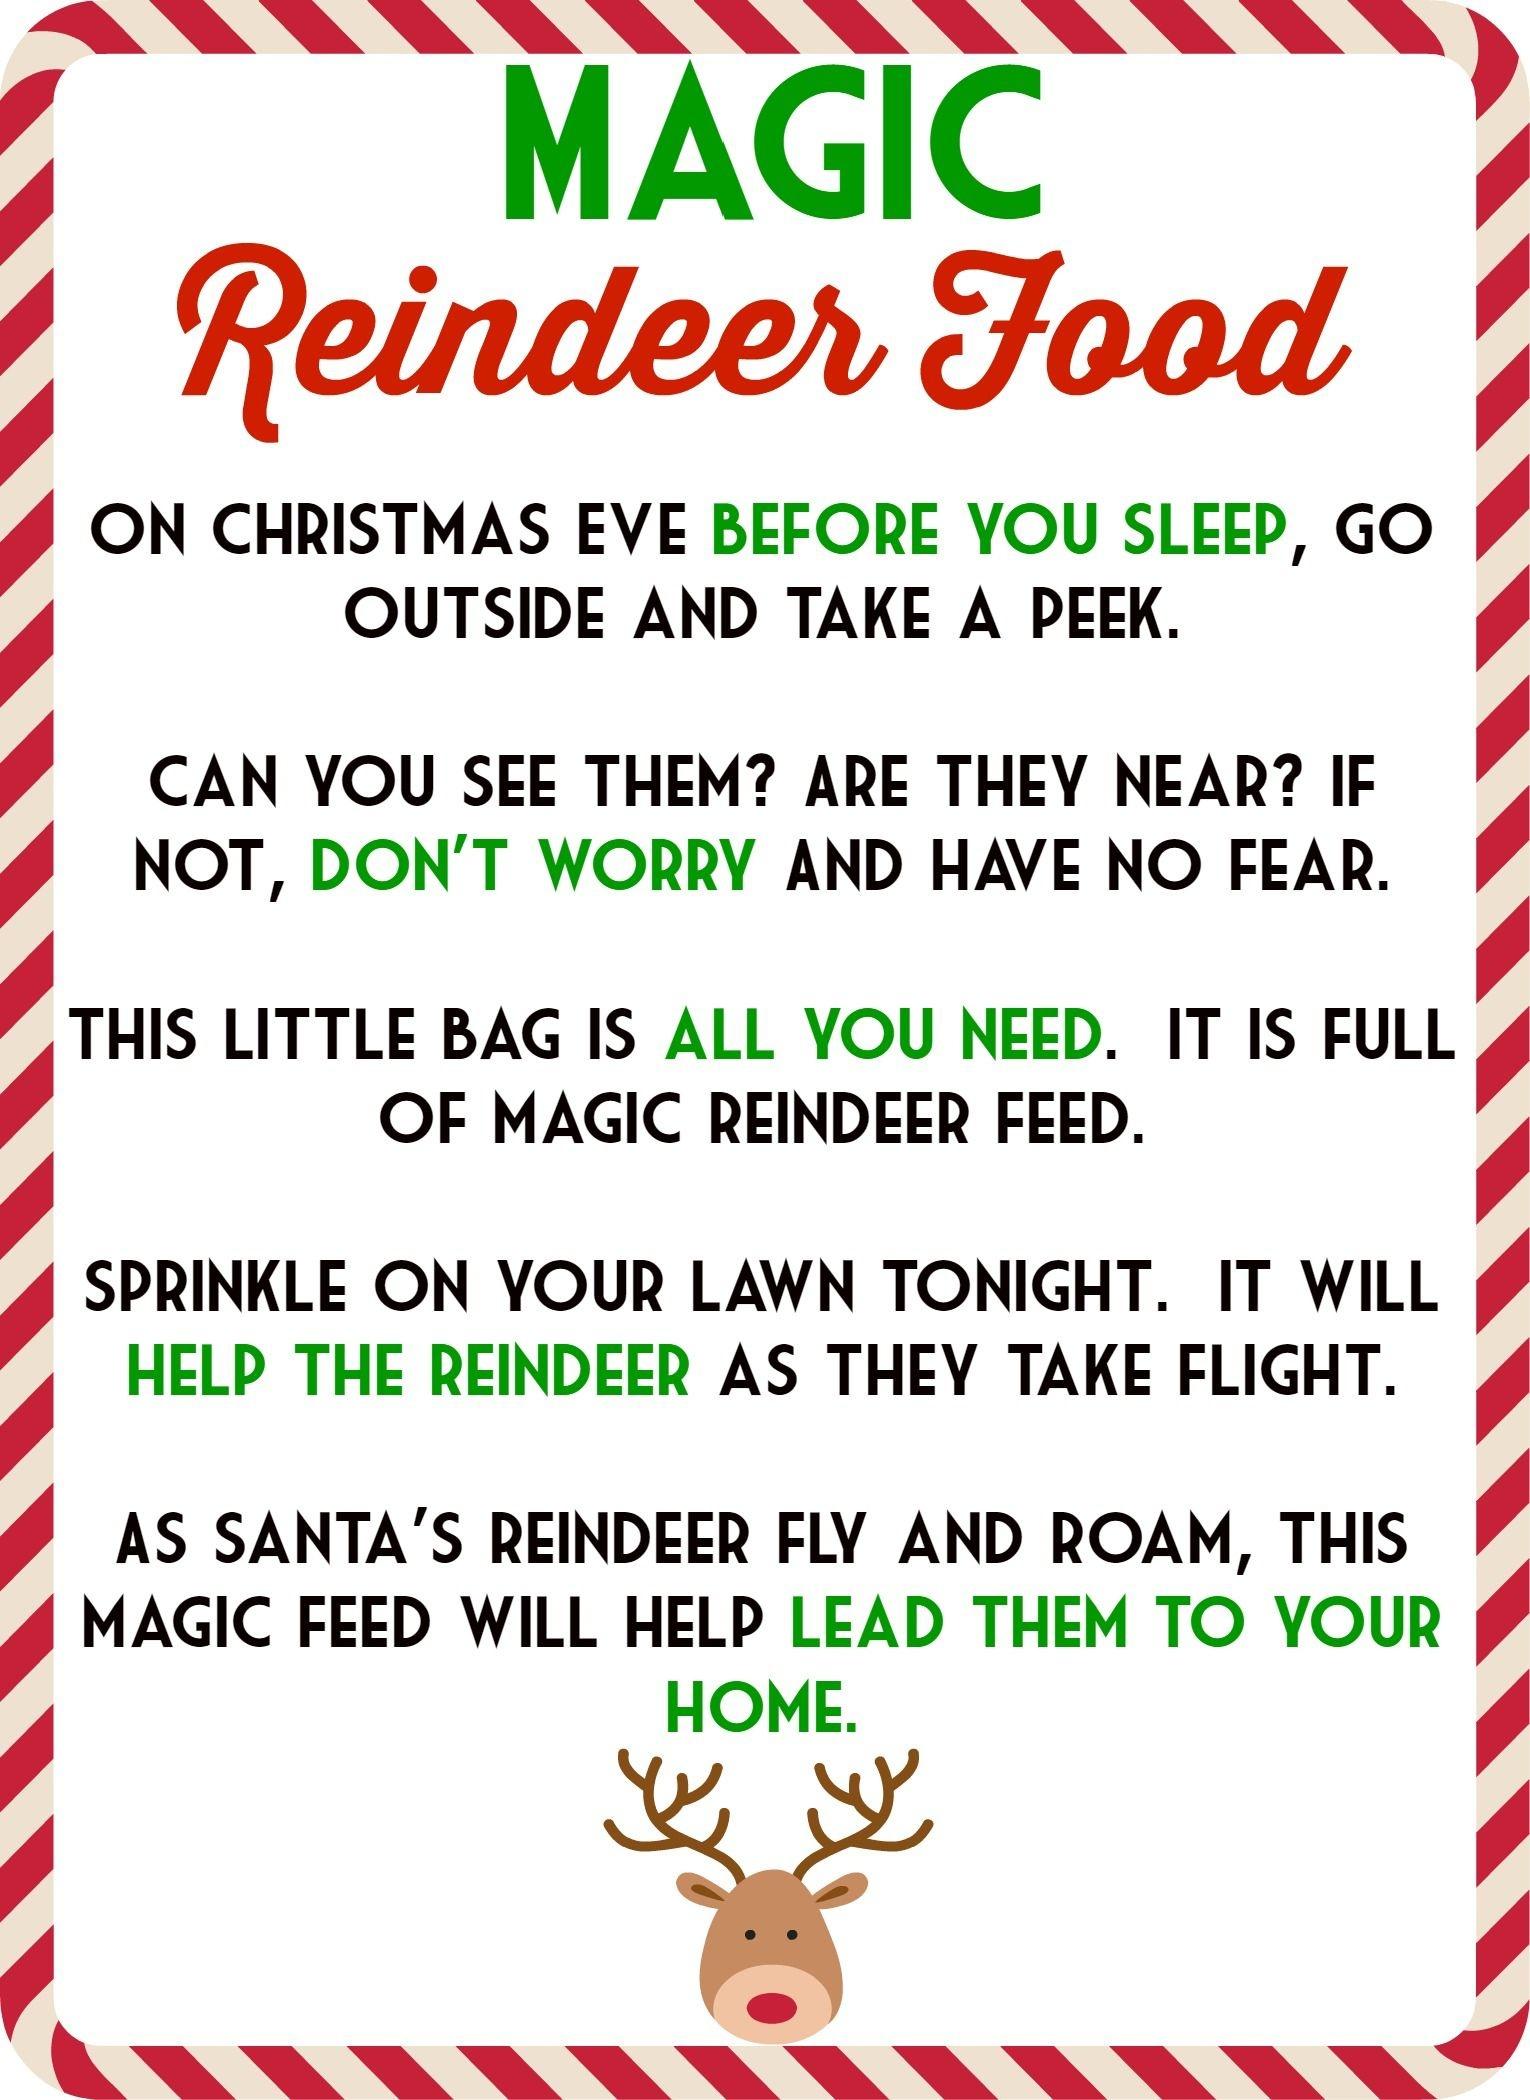 Food Recipes On | Kids | Magic Reindeer Food, Reindeer Food - Reindeer Food Poem Free Printable